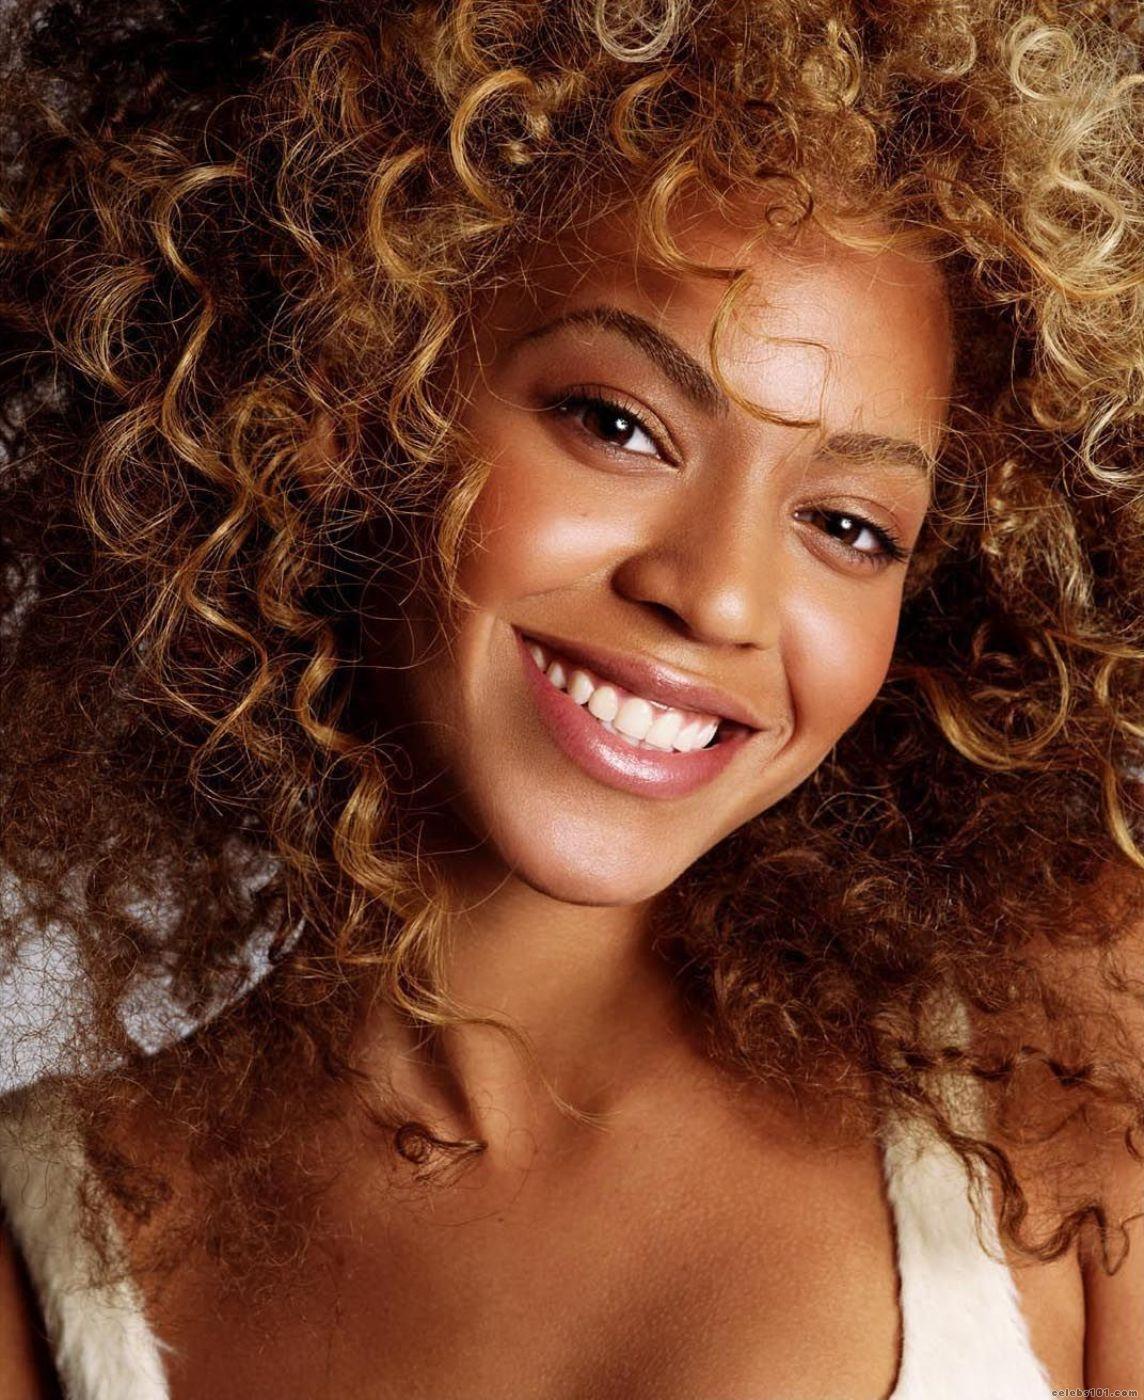 http://4.bp.blogspot.com/-H0_MKsK8OqA/T8eSn7JRBEI/AAAAAAAAB1E/T_tVfVaA_9o/s1600/Beyonce_Knowles_146.jpg